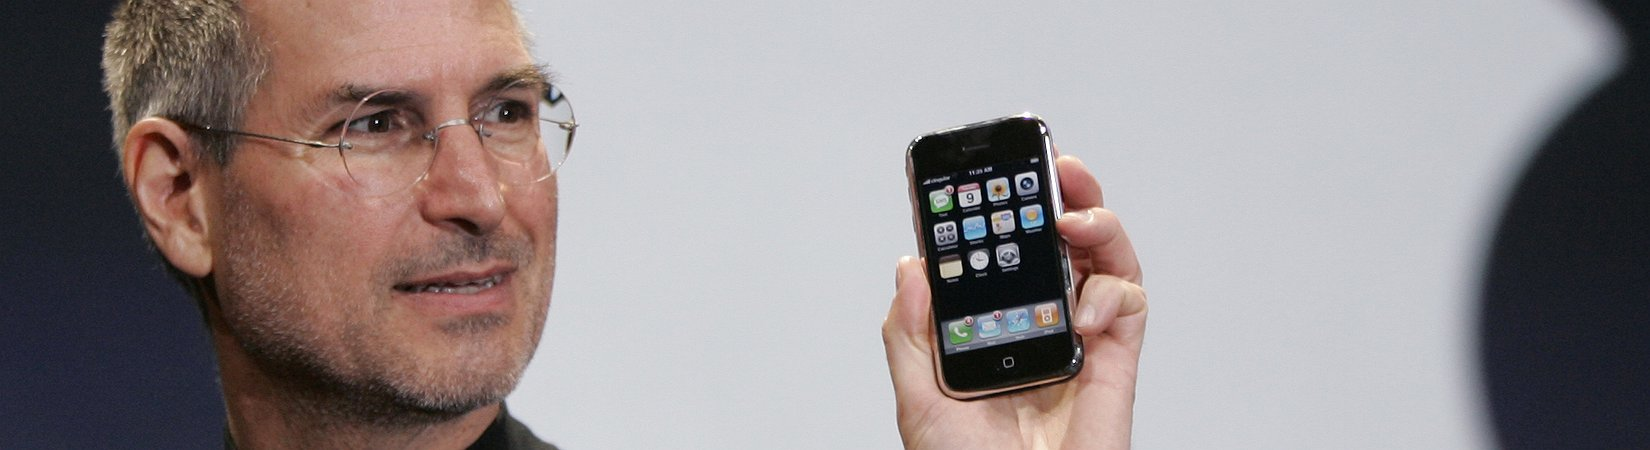 Quão rico seria se tivesse investido na Apple há 10 anos?